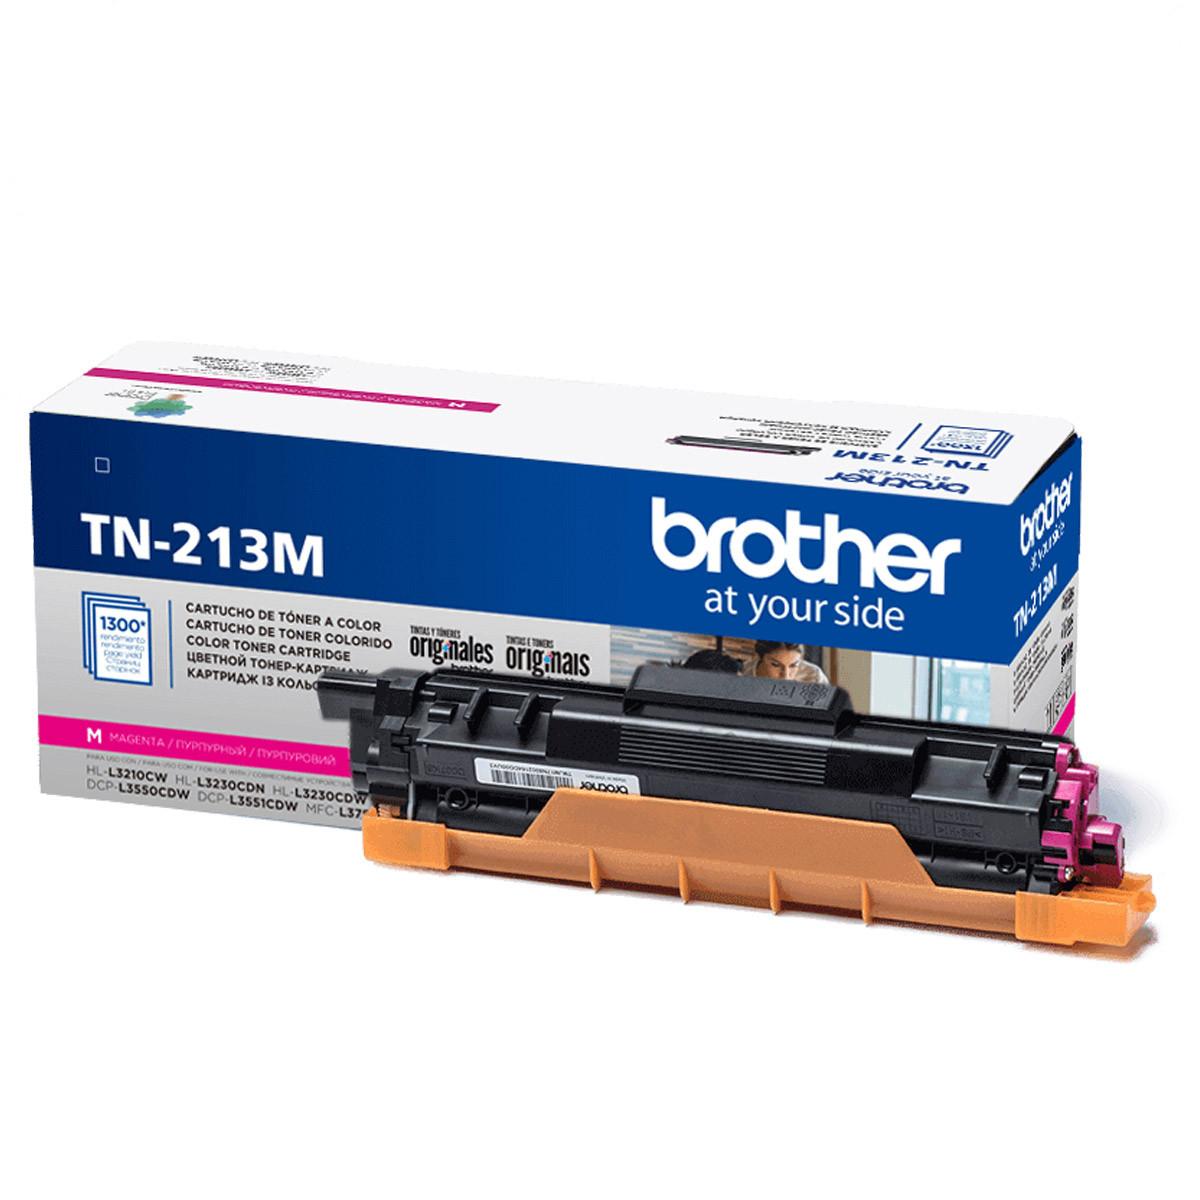 Toner Brother TN-213M TN-213 Magenta | MFC-L3750CDW L3750CDW L3750 | Original 1.3K